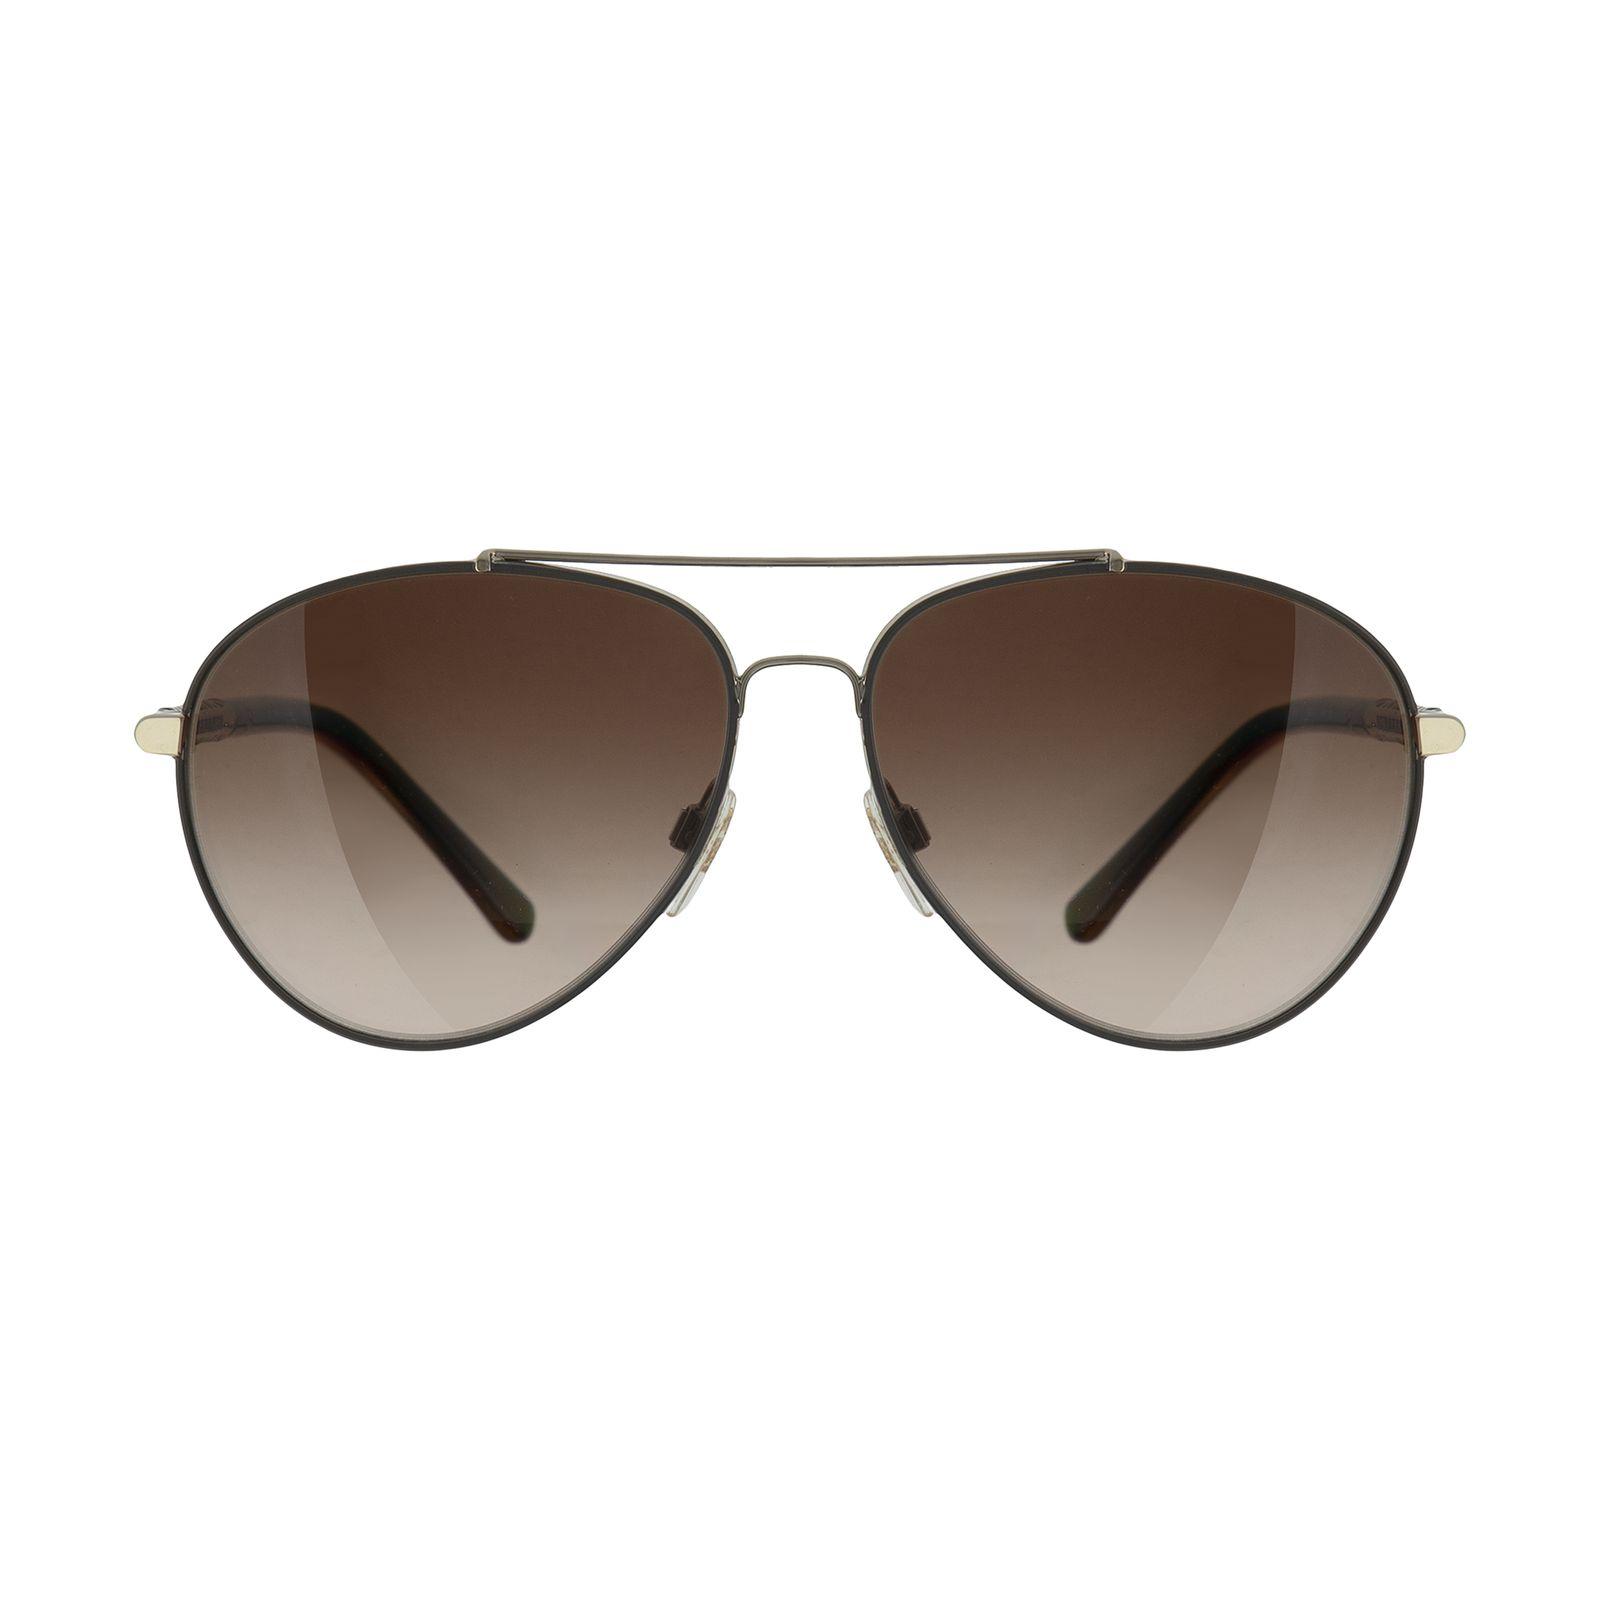 عینک آفتابی زنانه بربری مدل BE 3089S 114513 58 -  - 2